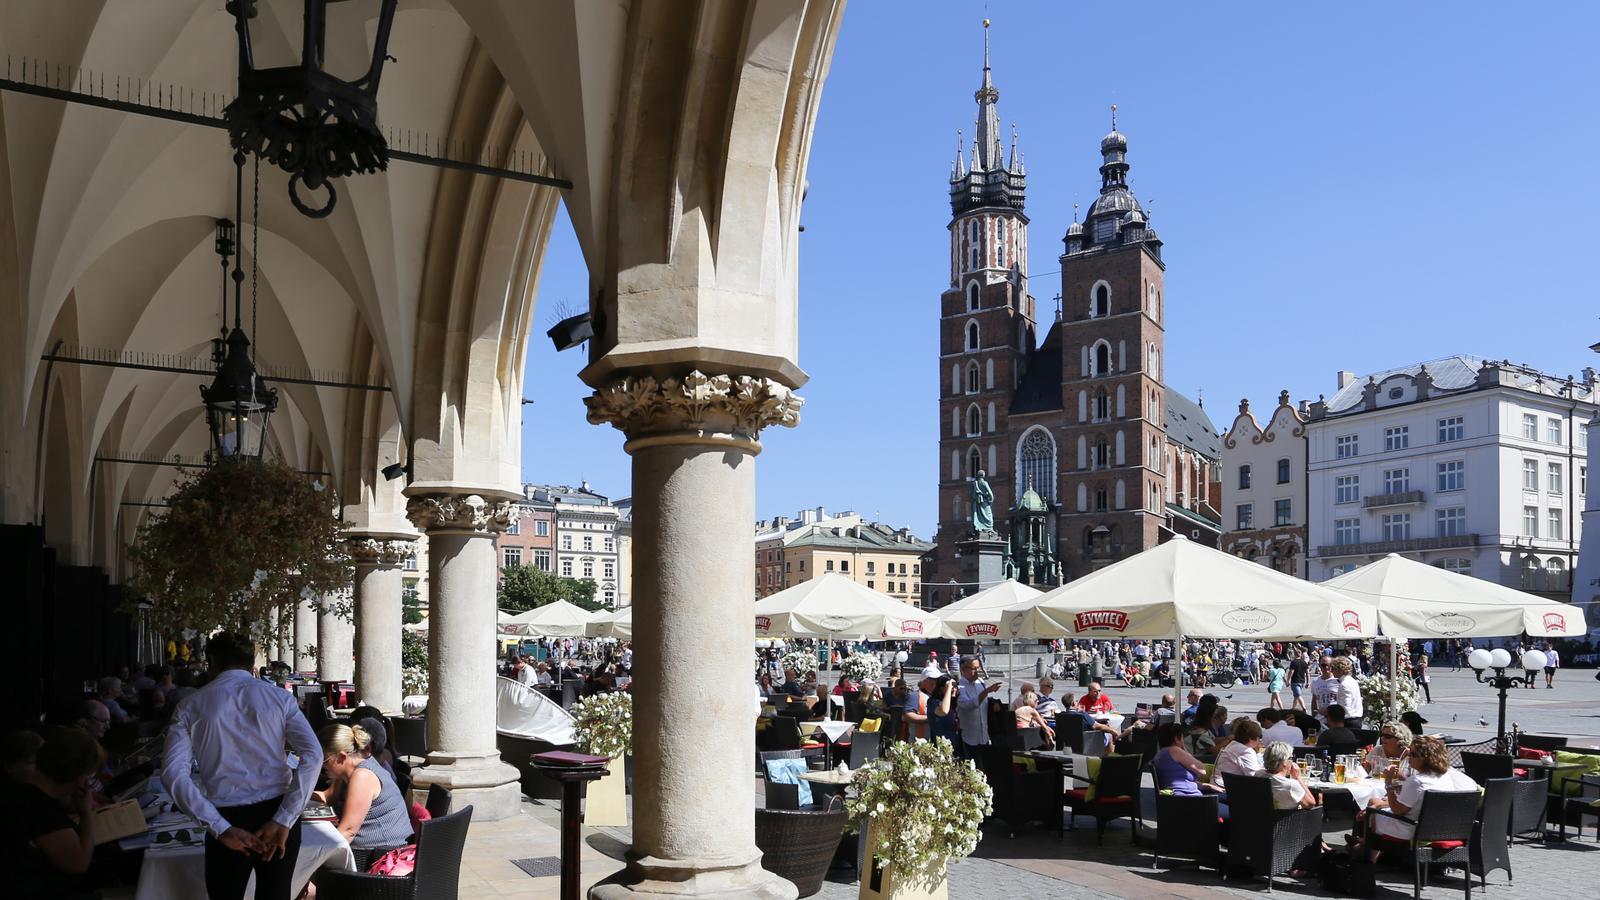 Krakowska gastronomia, jak każda, miewa swoje lepsze i gorsze momenty